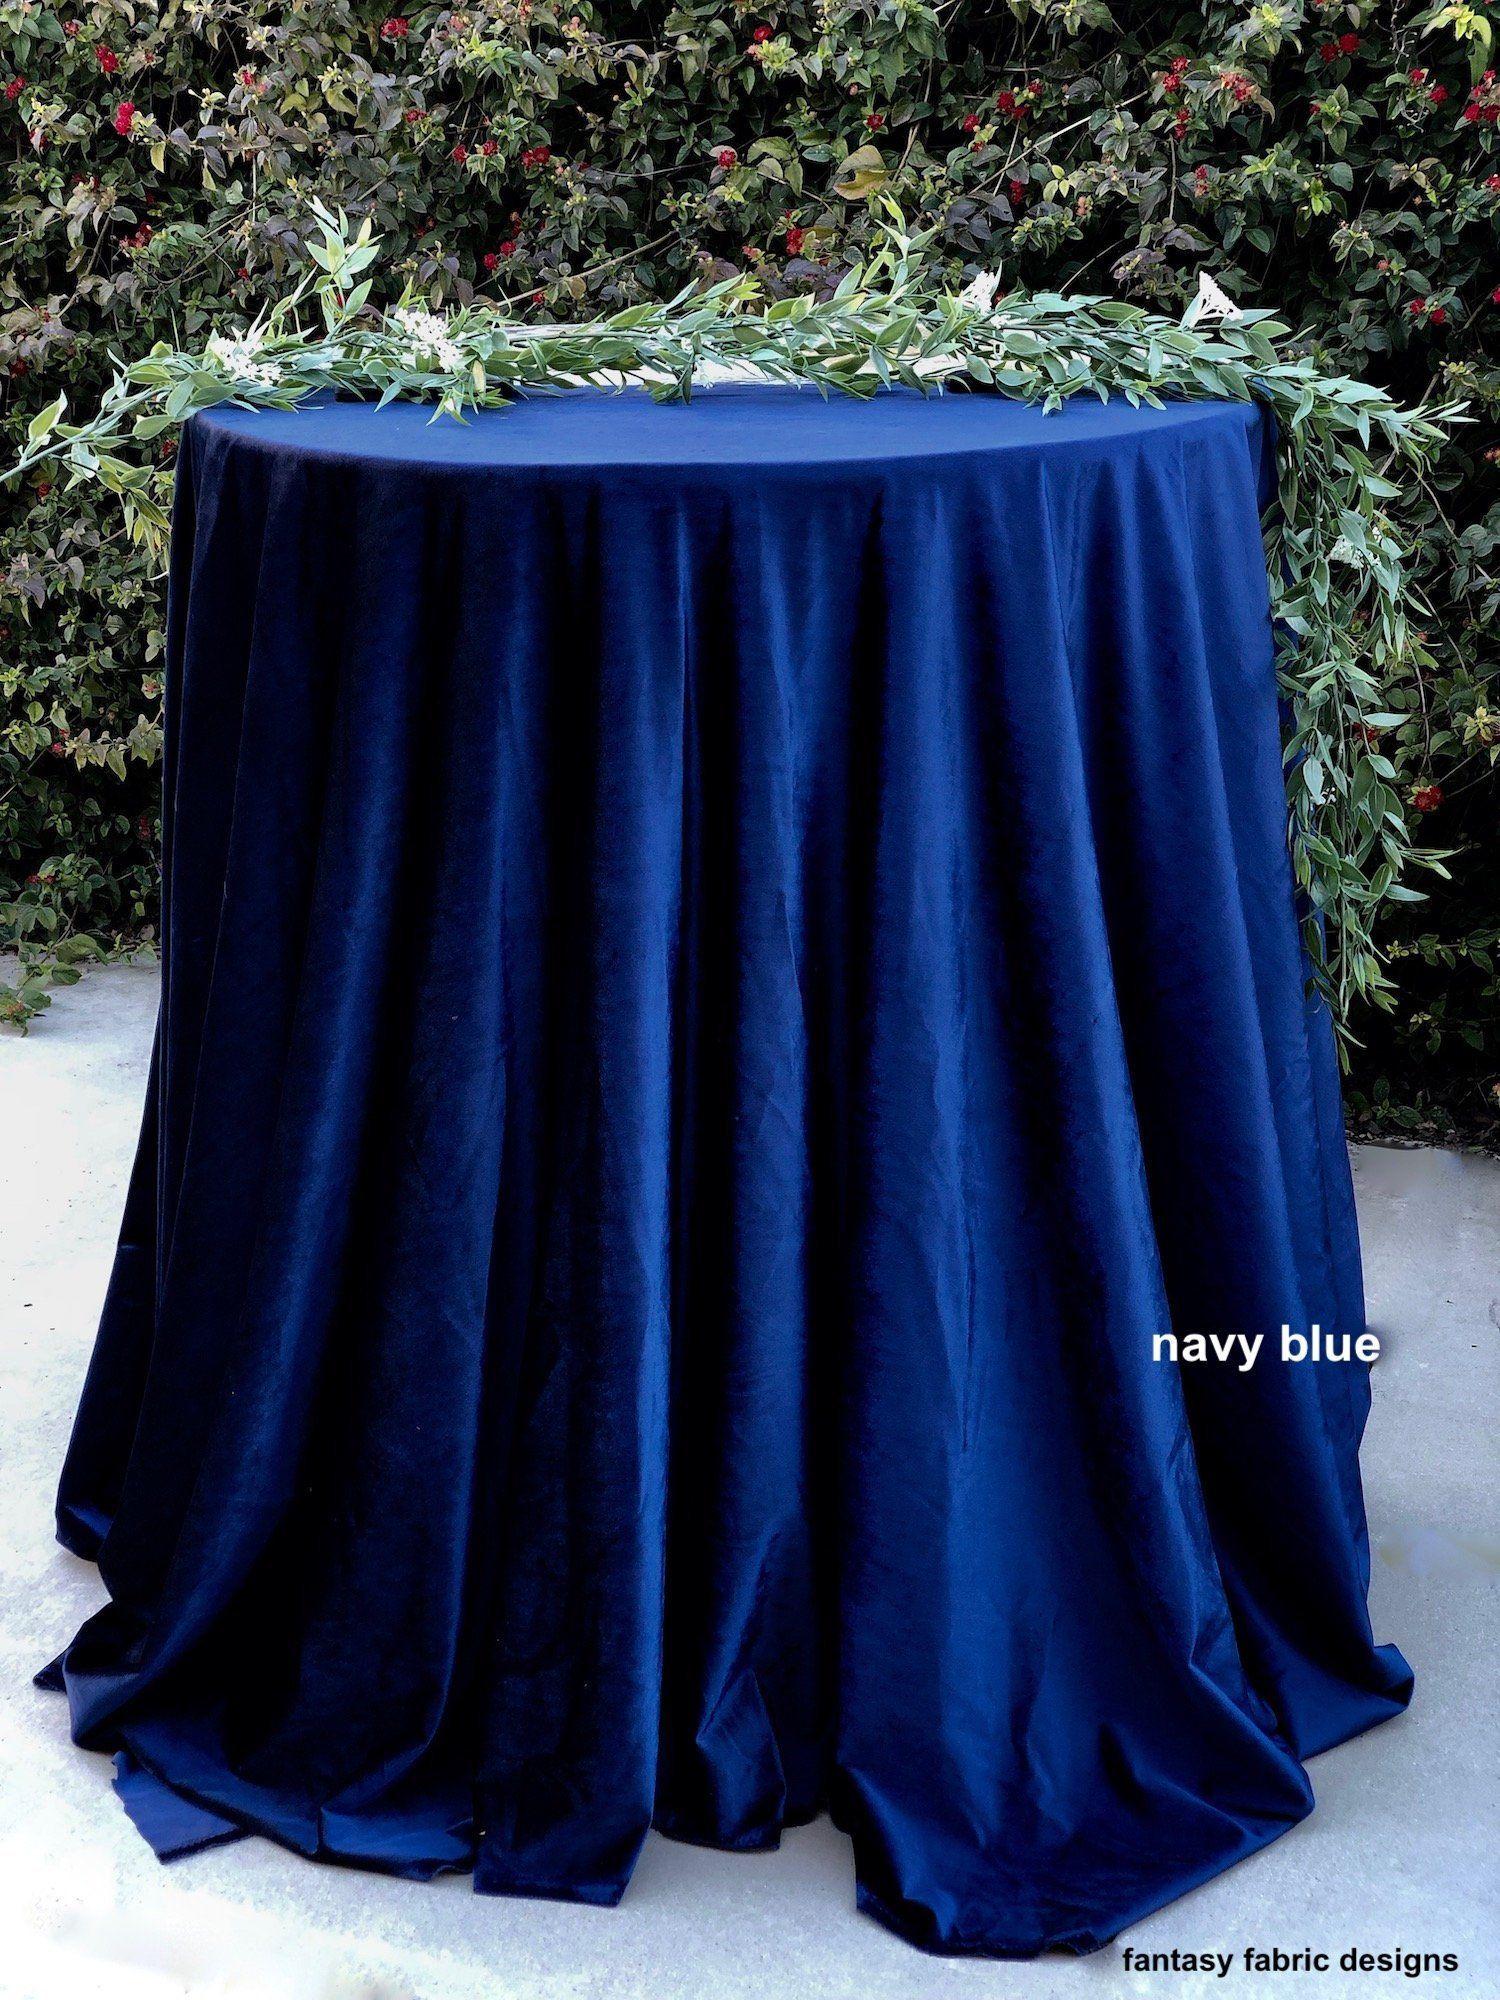 Navy Blue Velvet Tablecloth Navy Blue Wedding Navy Blue Table Cloth Navy Blue Tablecloth Blue Wedd Wedding Tablecloths Navy Bridal Shower Navy Blue Wedding